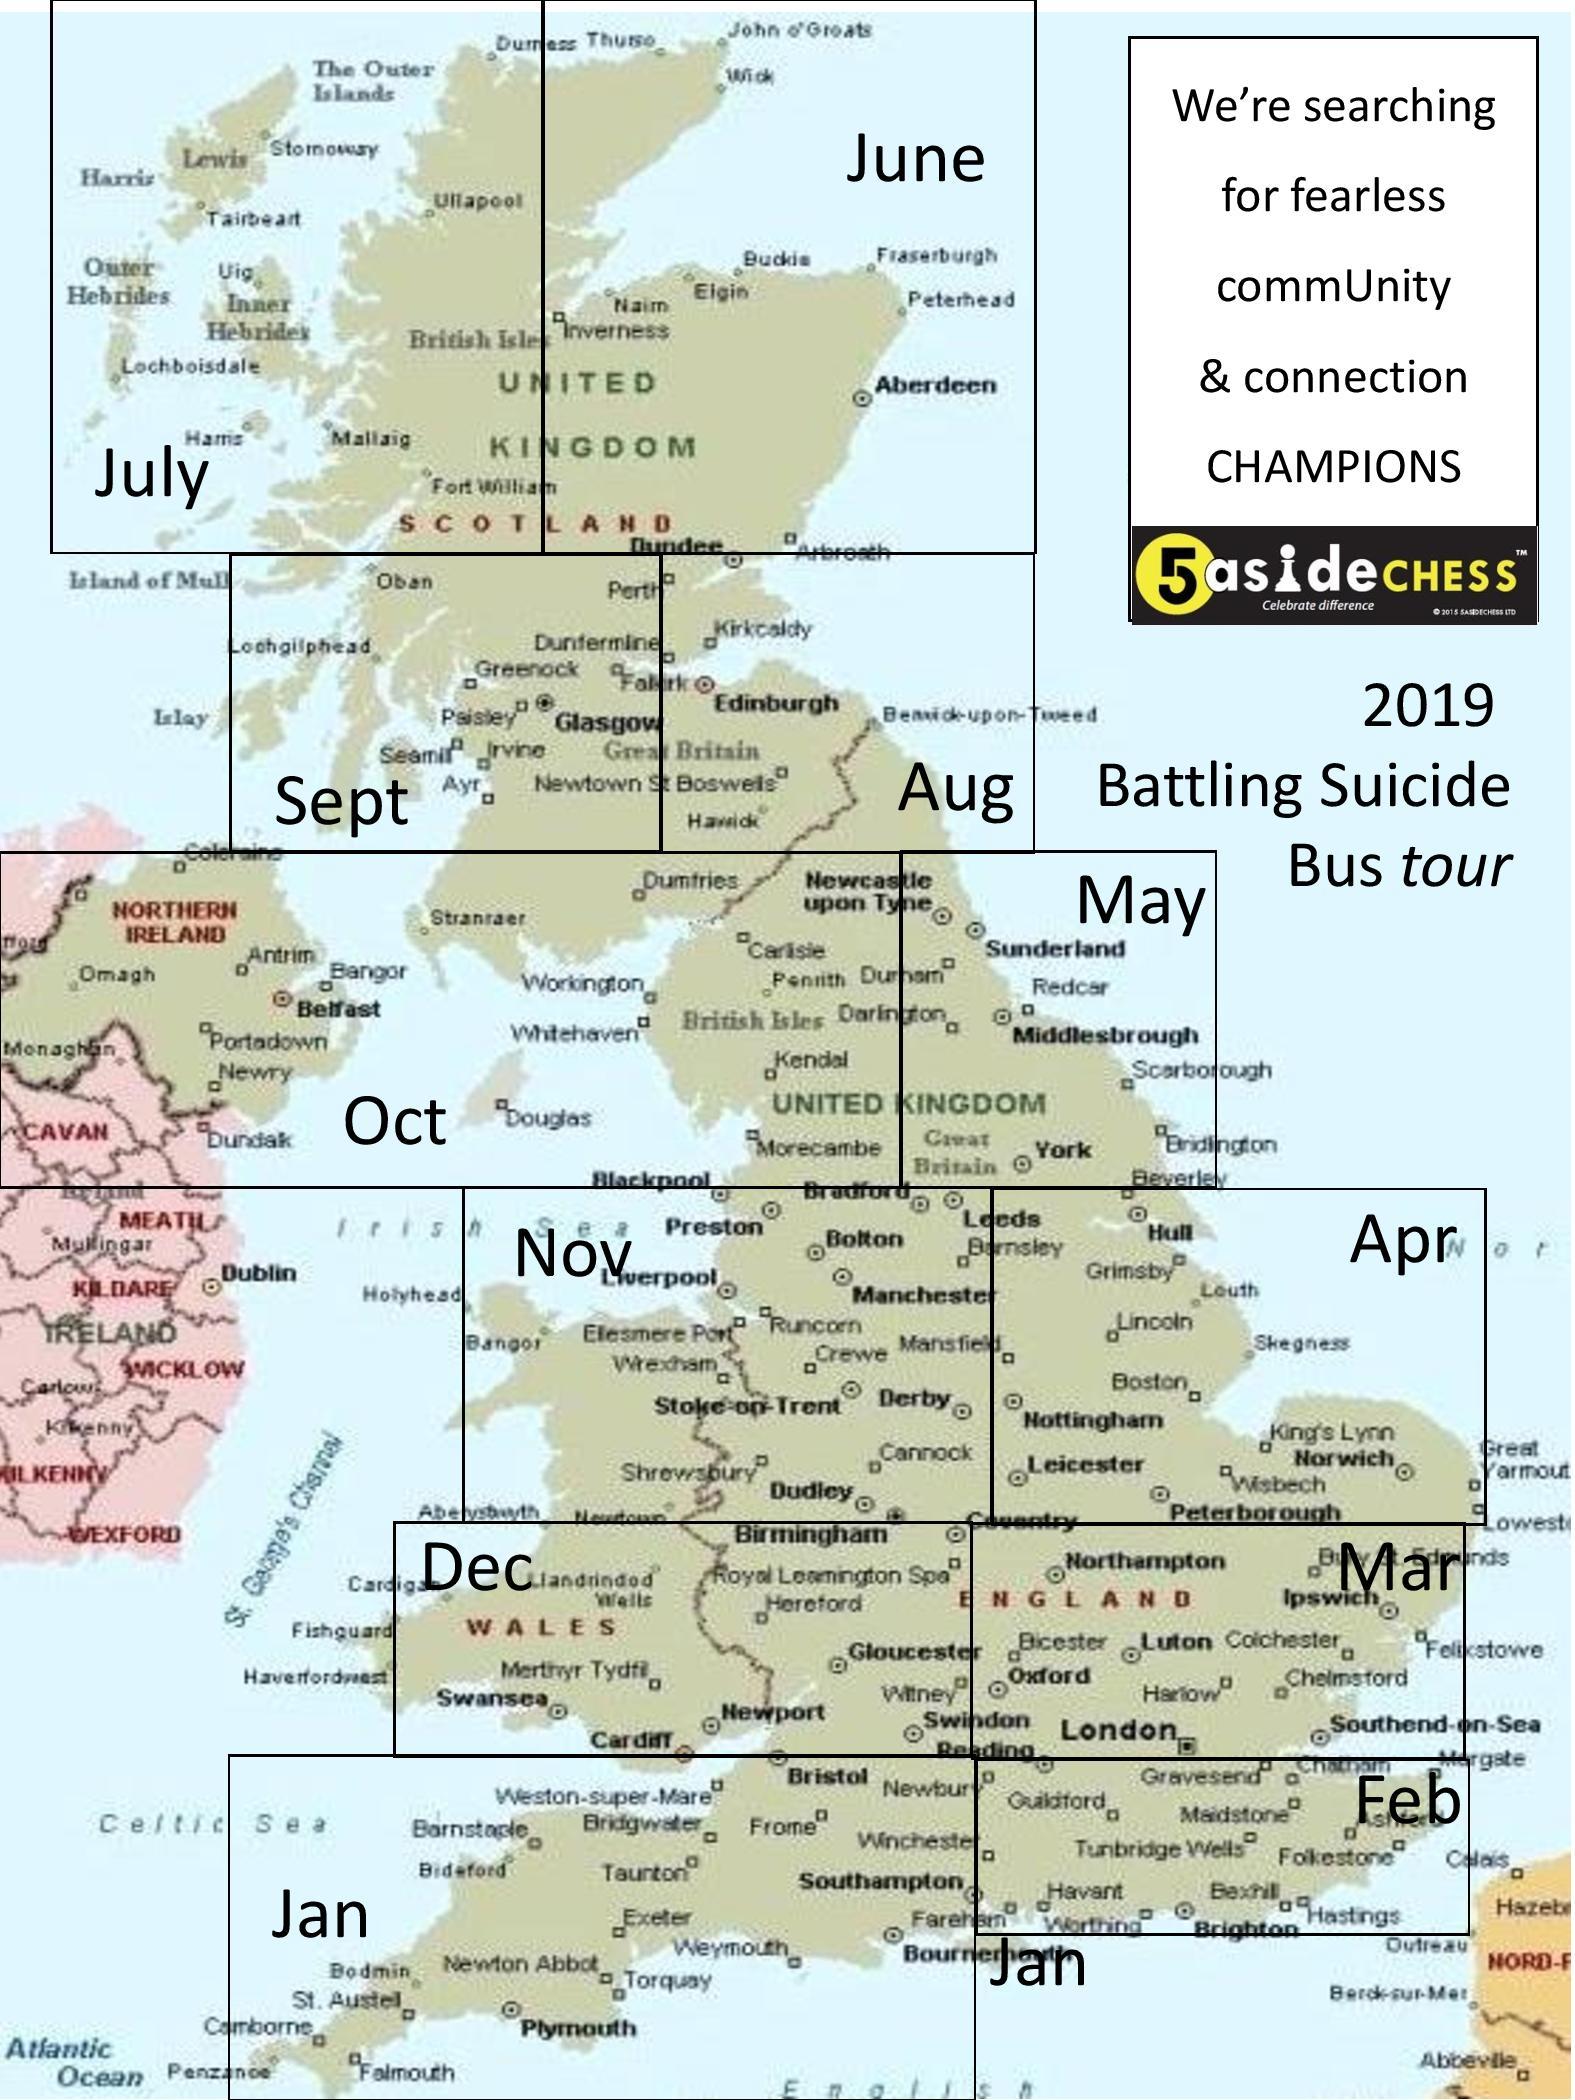 battling suicide tour